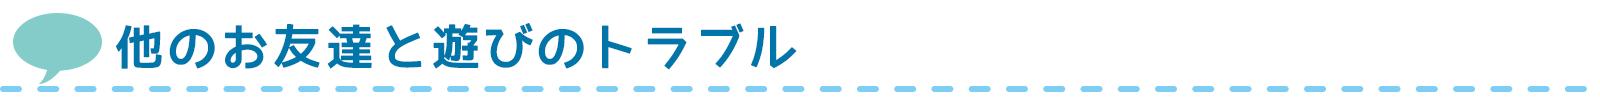 nayami_title_04